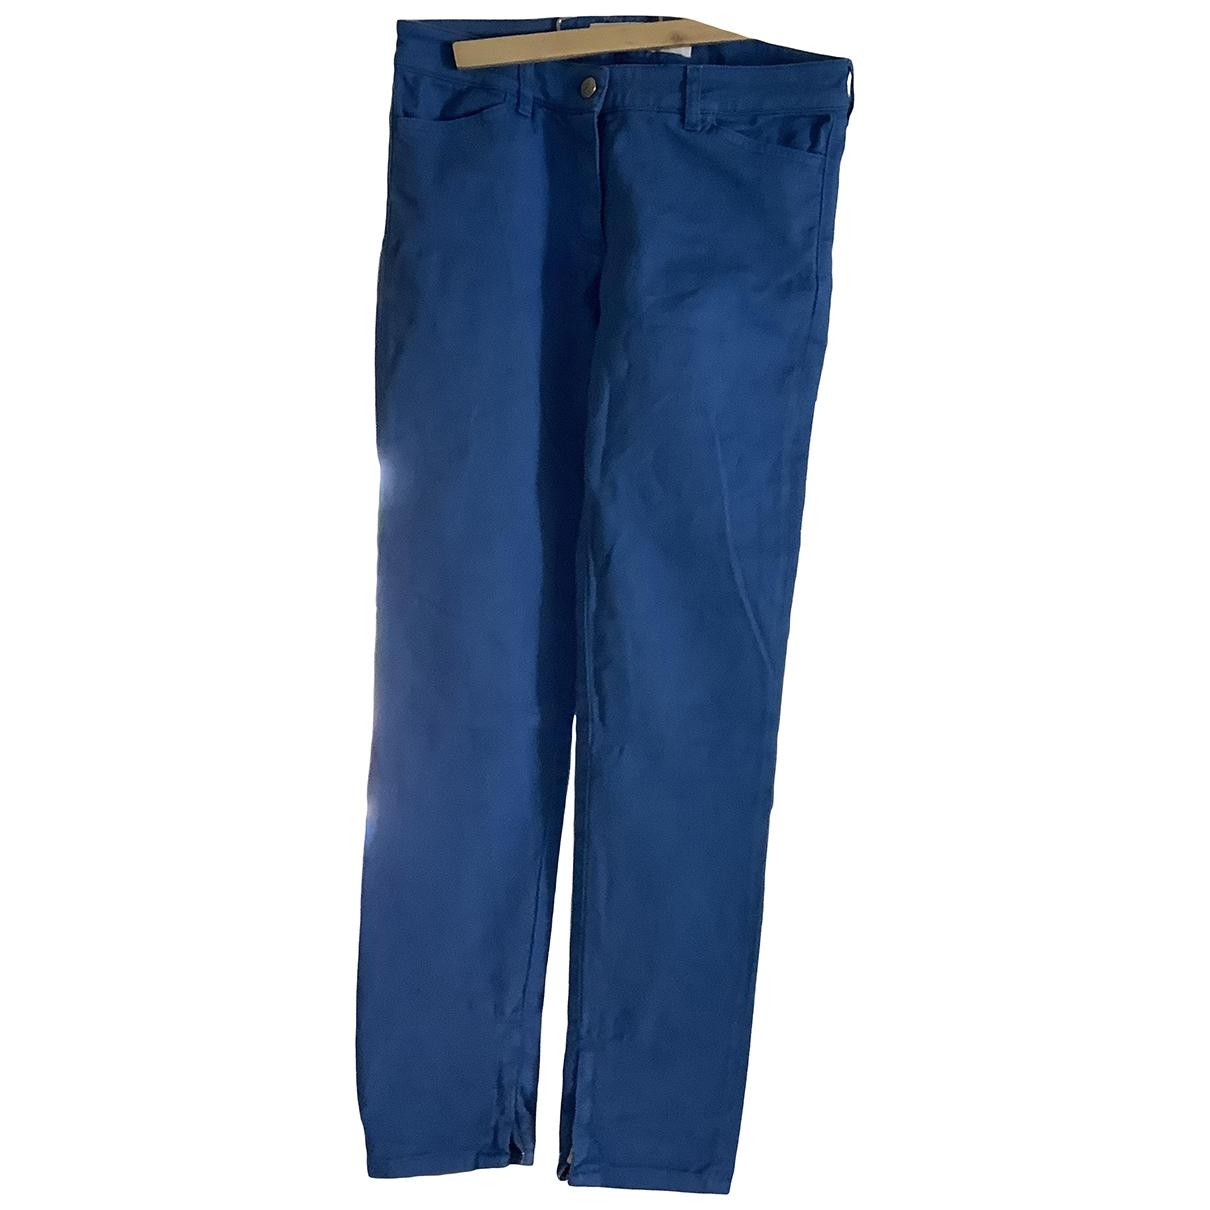 Golden Goose - Jean   pour femme en coton - elasthane - bleu